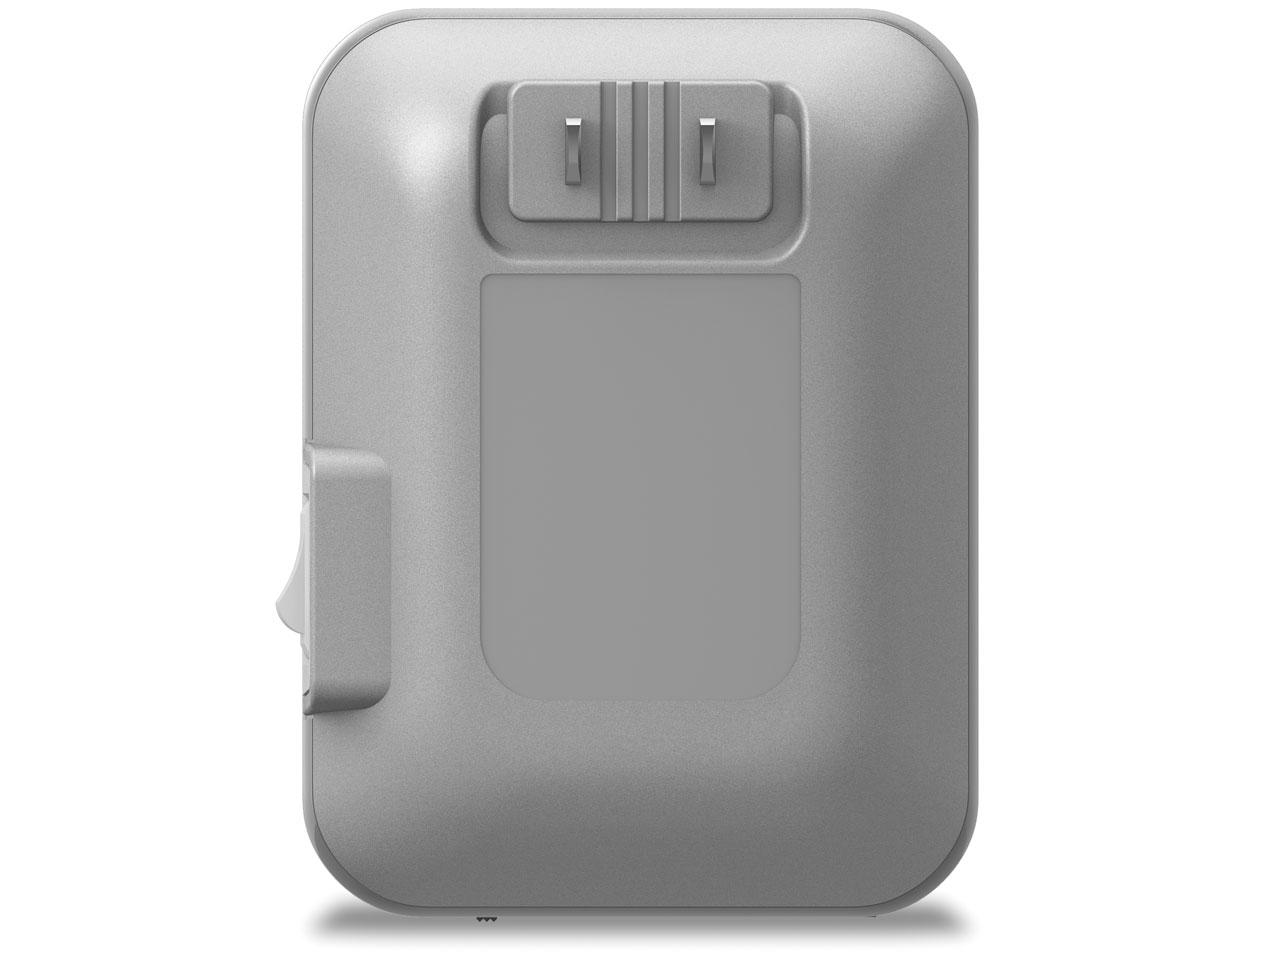 『本体 背面』 AirStation WEX-733D の製品画像